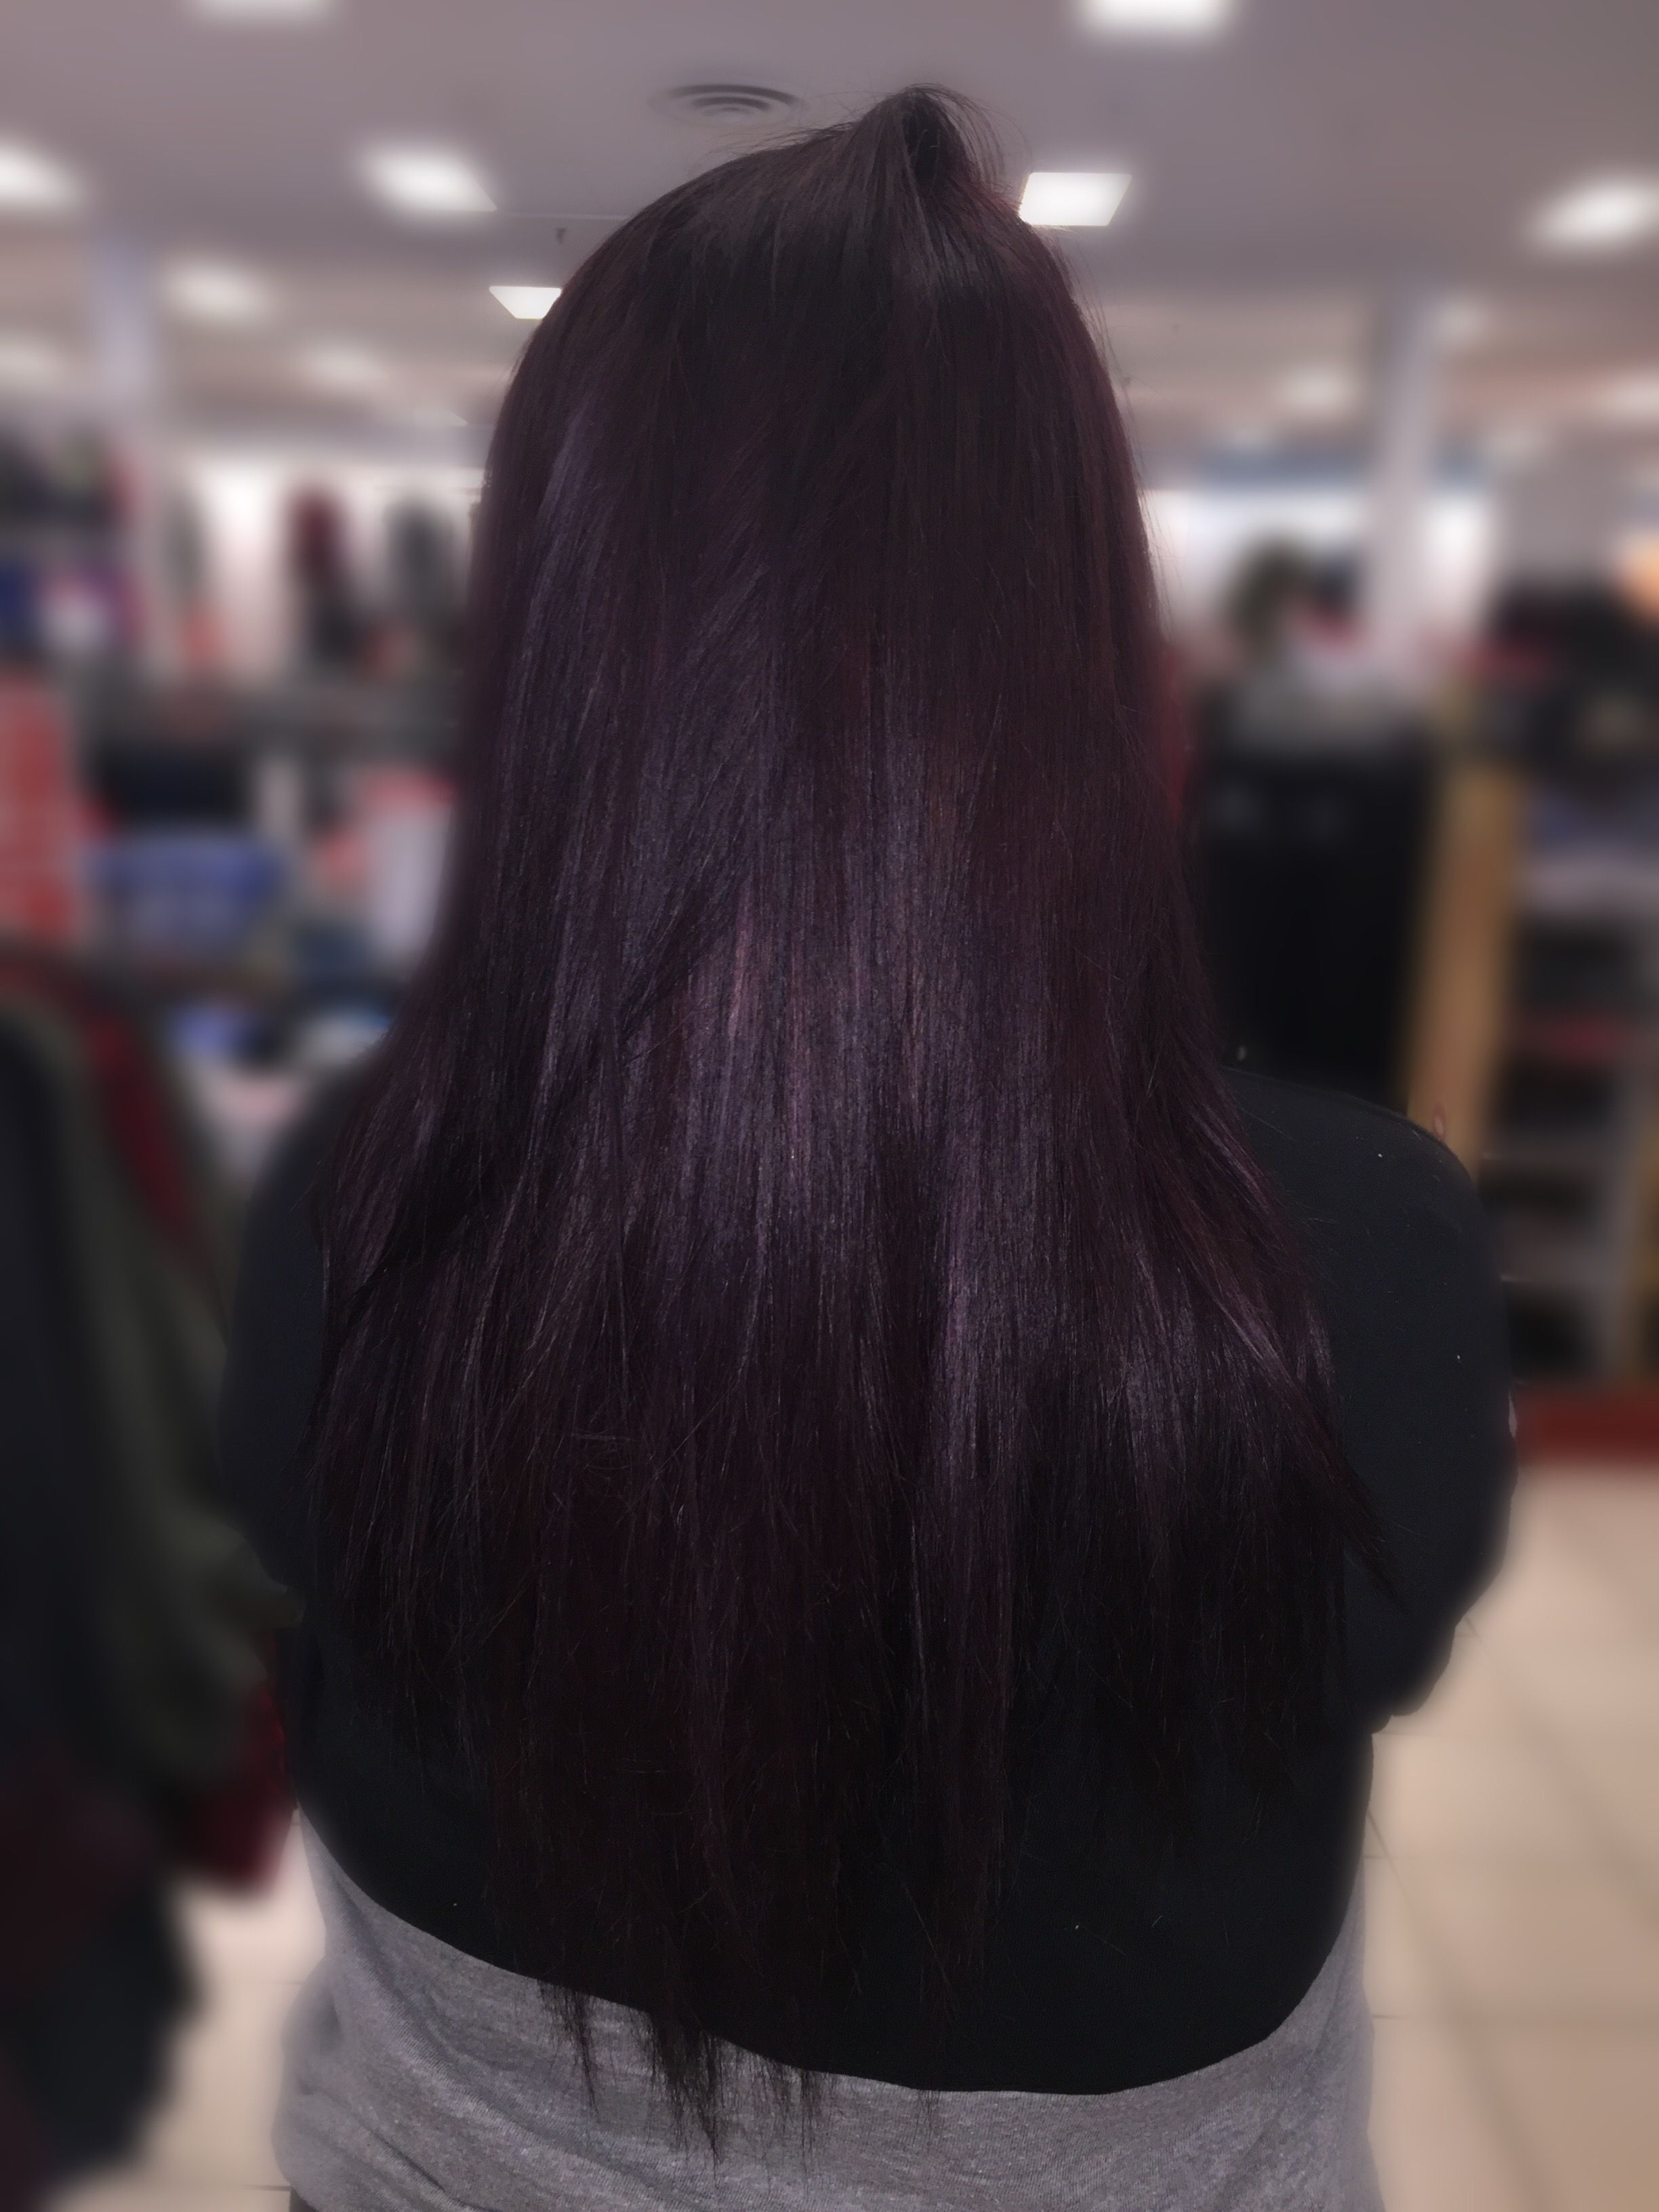 Plum Brown Hair   Hair   Pinterest   Plum brown hair, Brown and ...